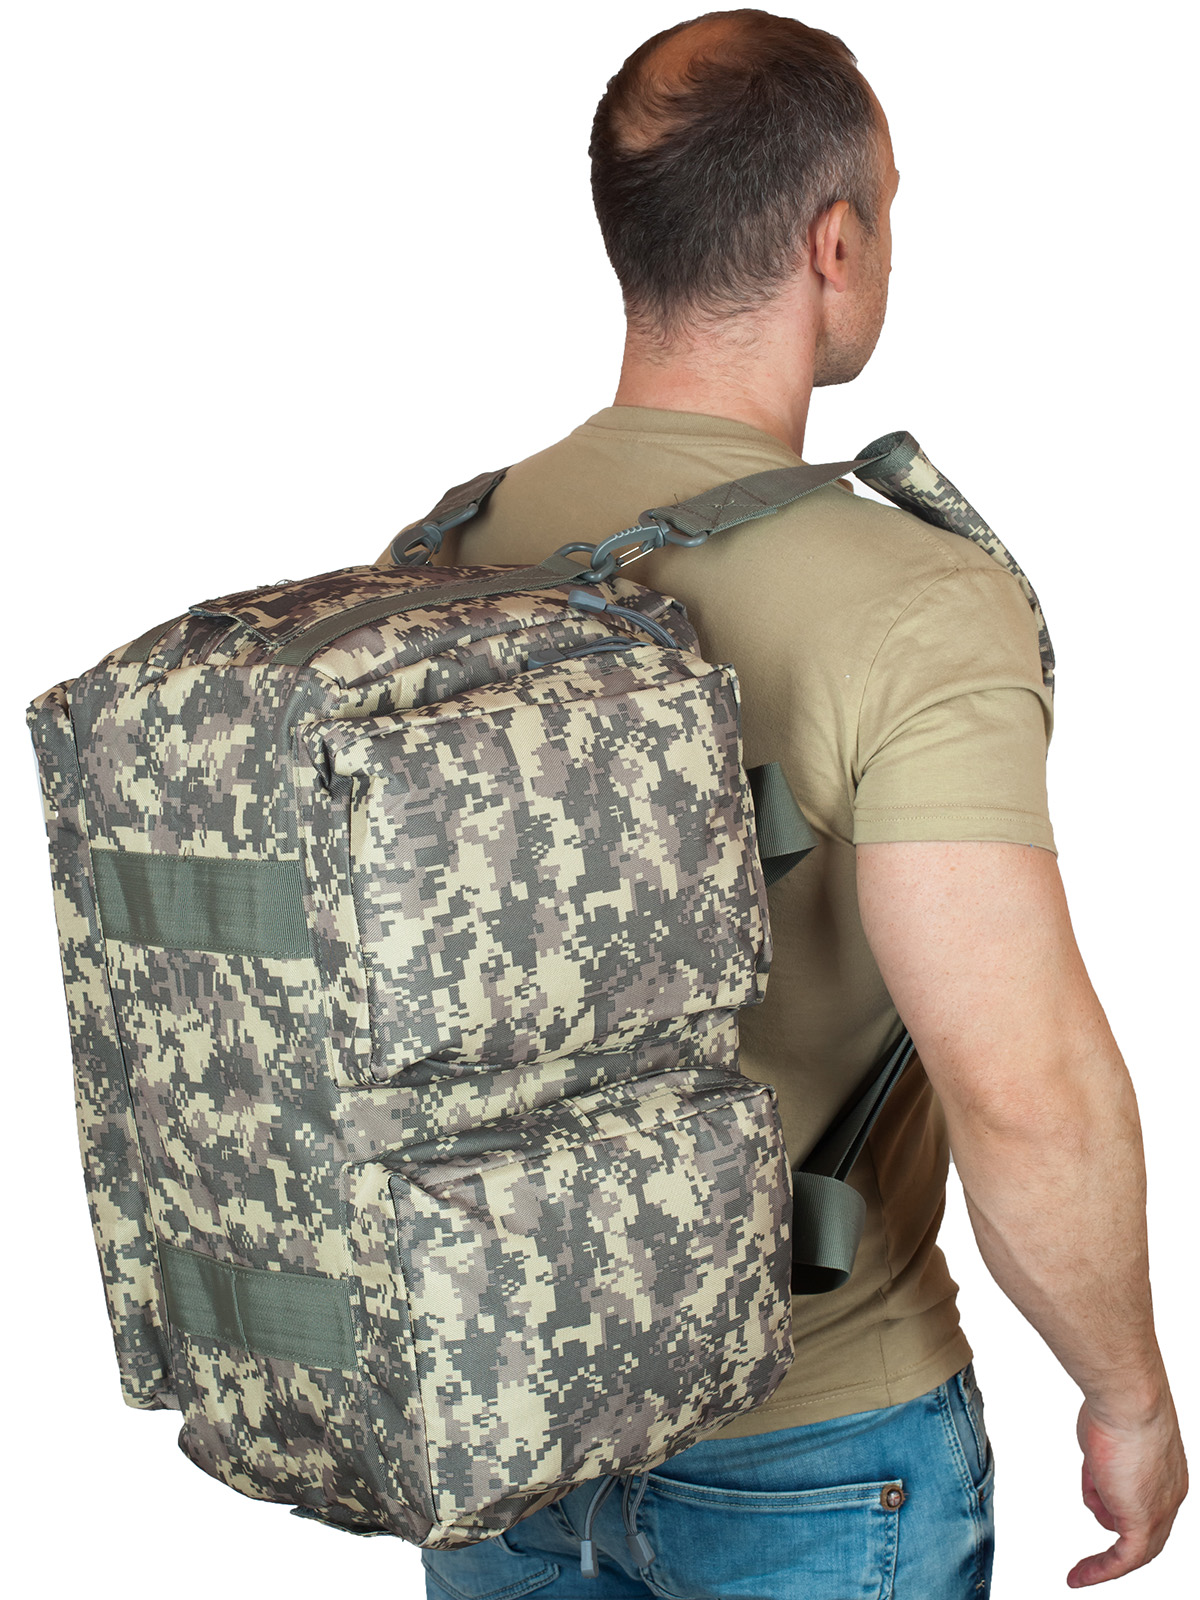 Купить камуфляжную походную сумку с нашивкой ДПС по выгодной цене онлайн